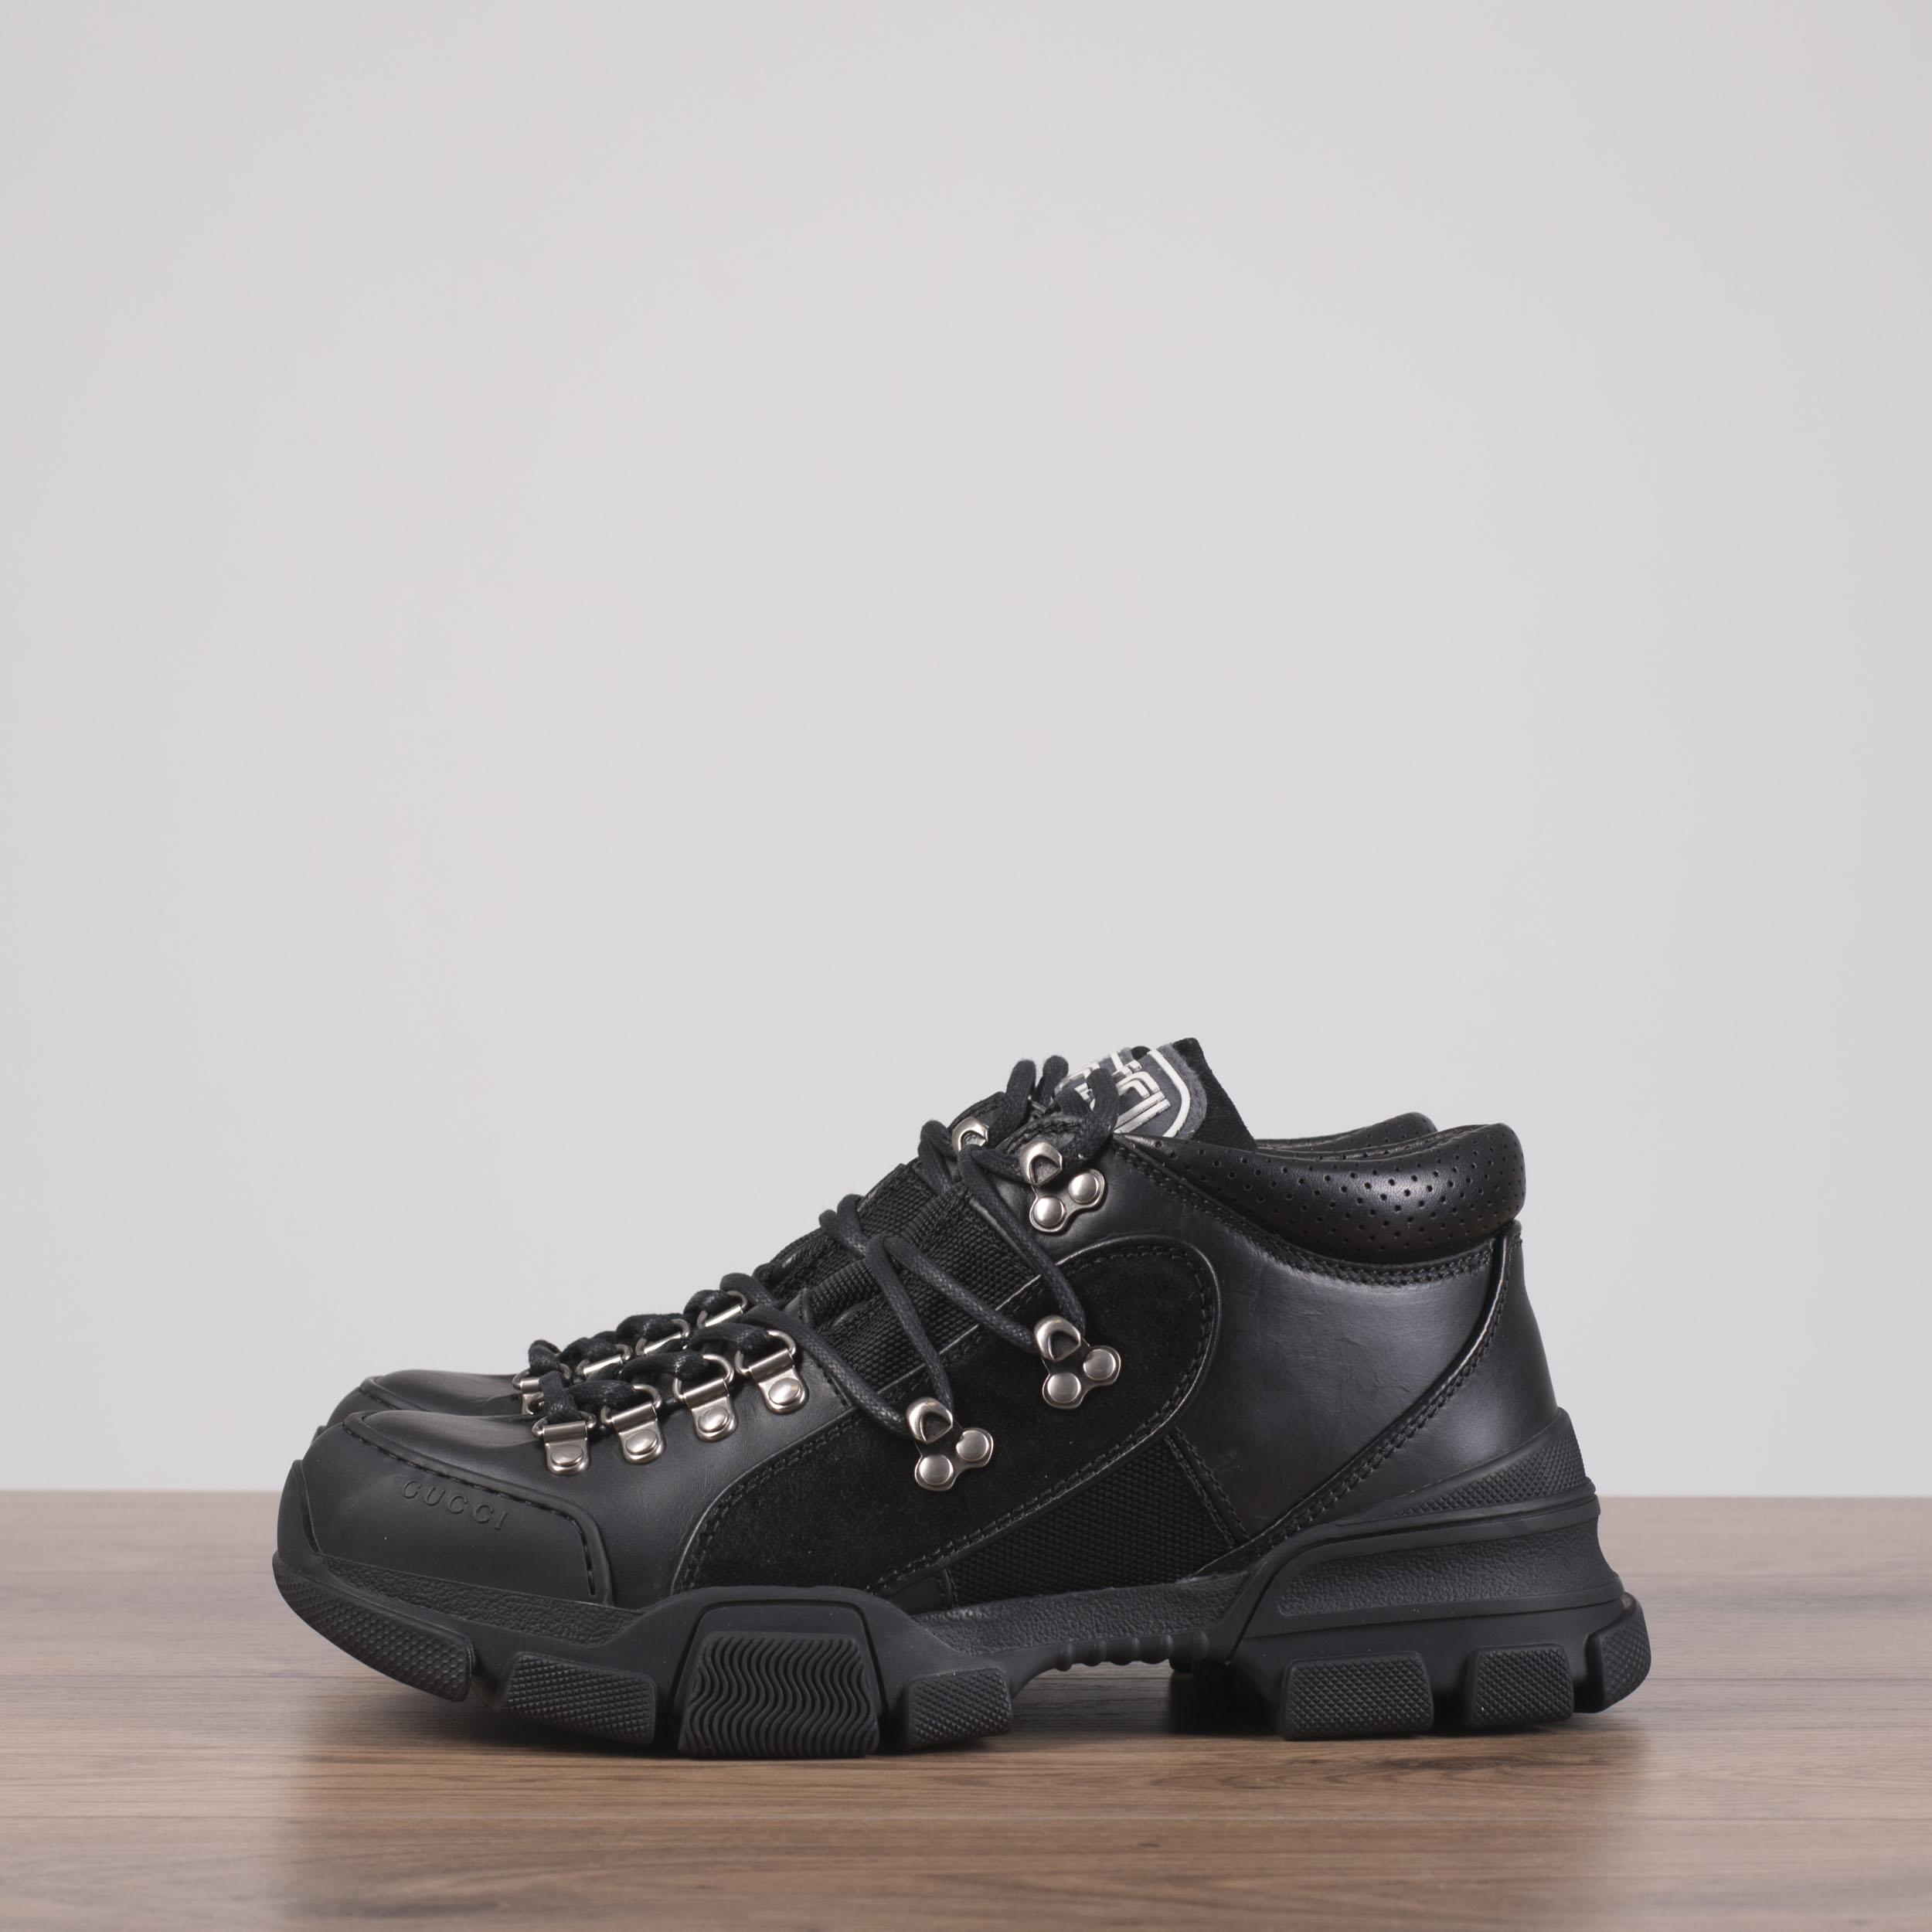 b68e7edf4 GUCCI x SEGA 980$ Flashtrek Sneakers In Black Canvas, Leather ...